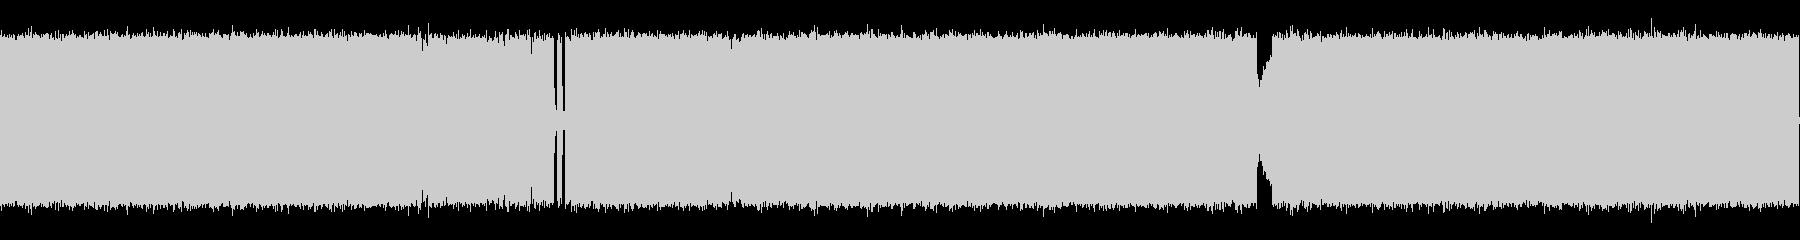 メカニカルなシンセとギターリフ。激しめ…の未再生の波形